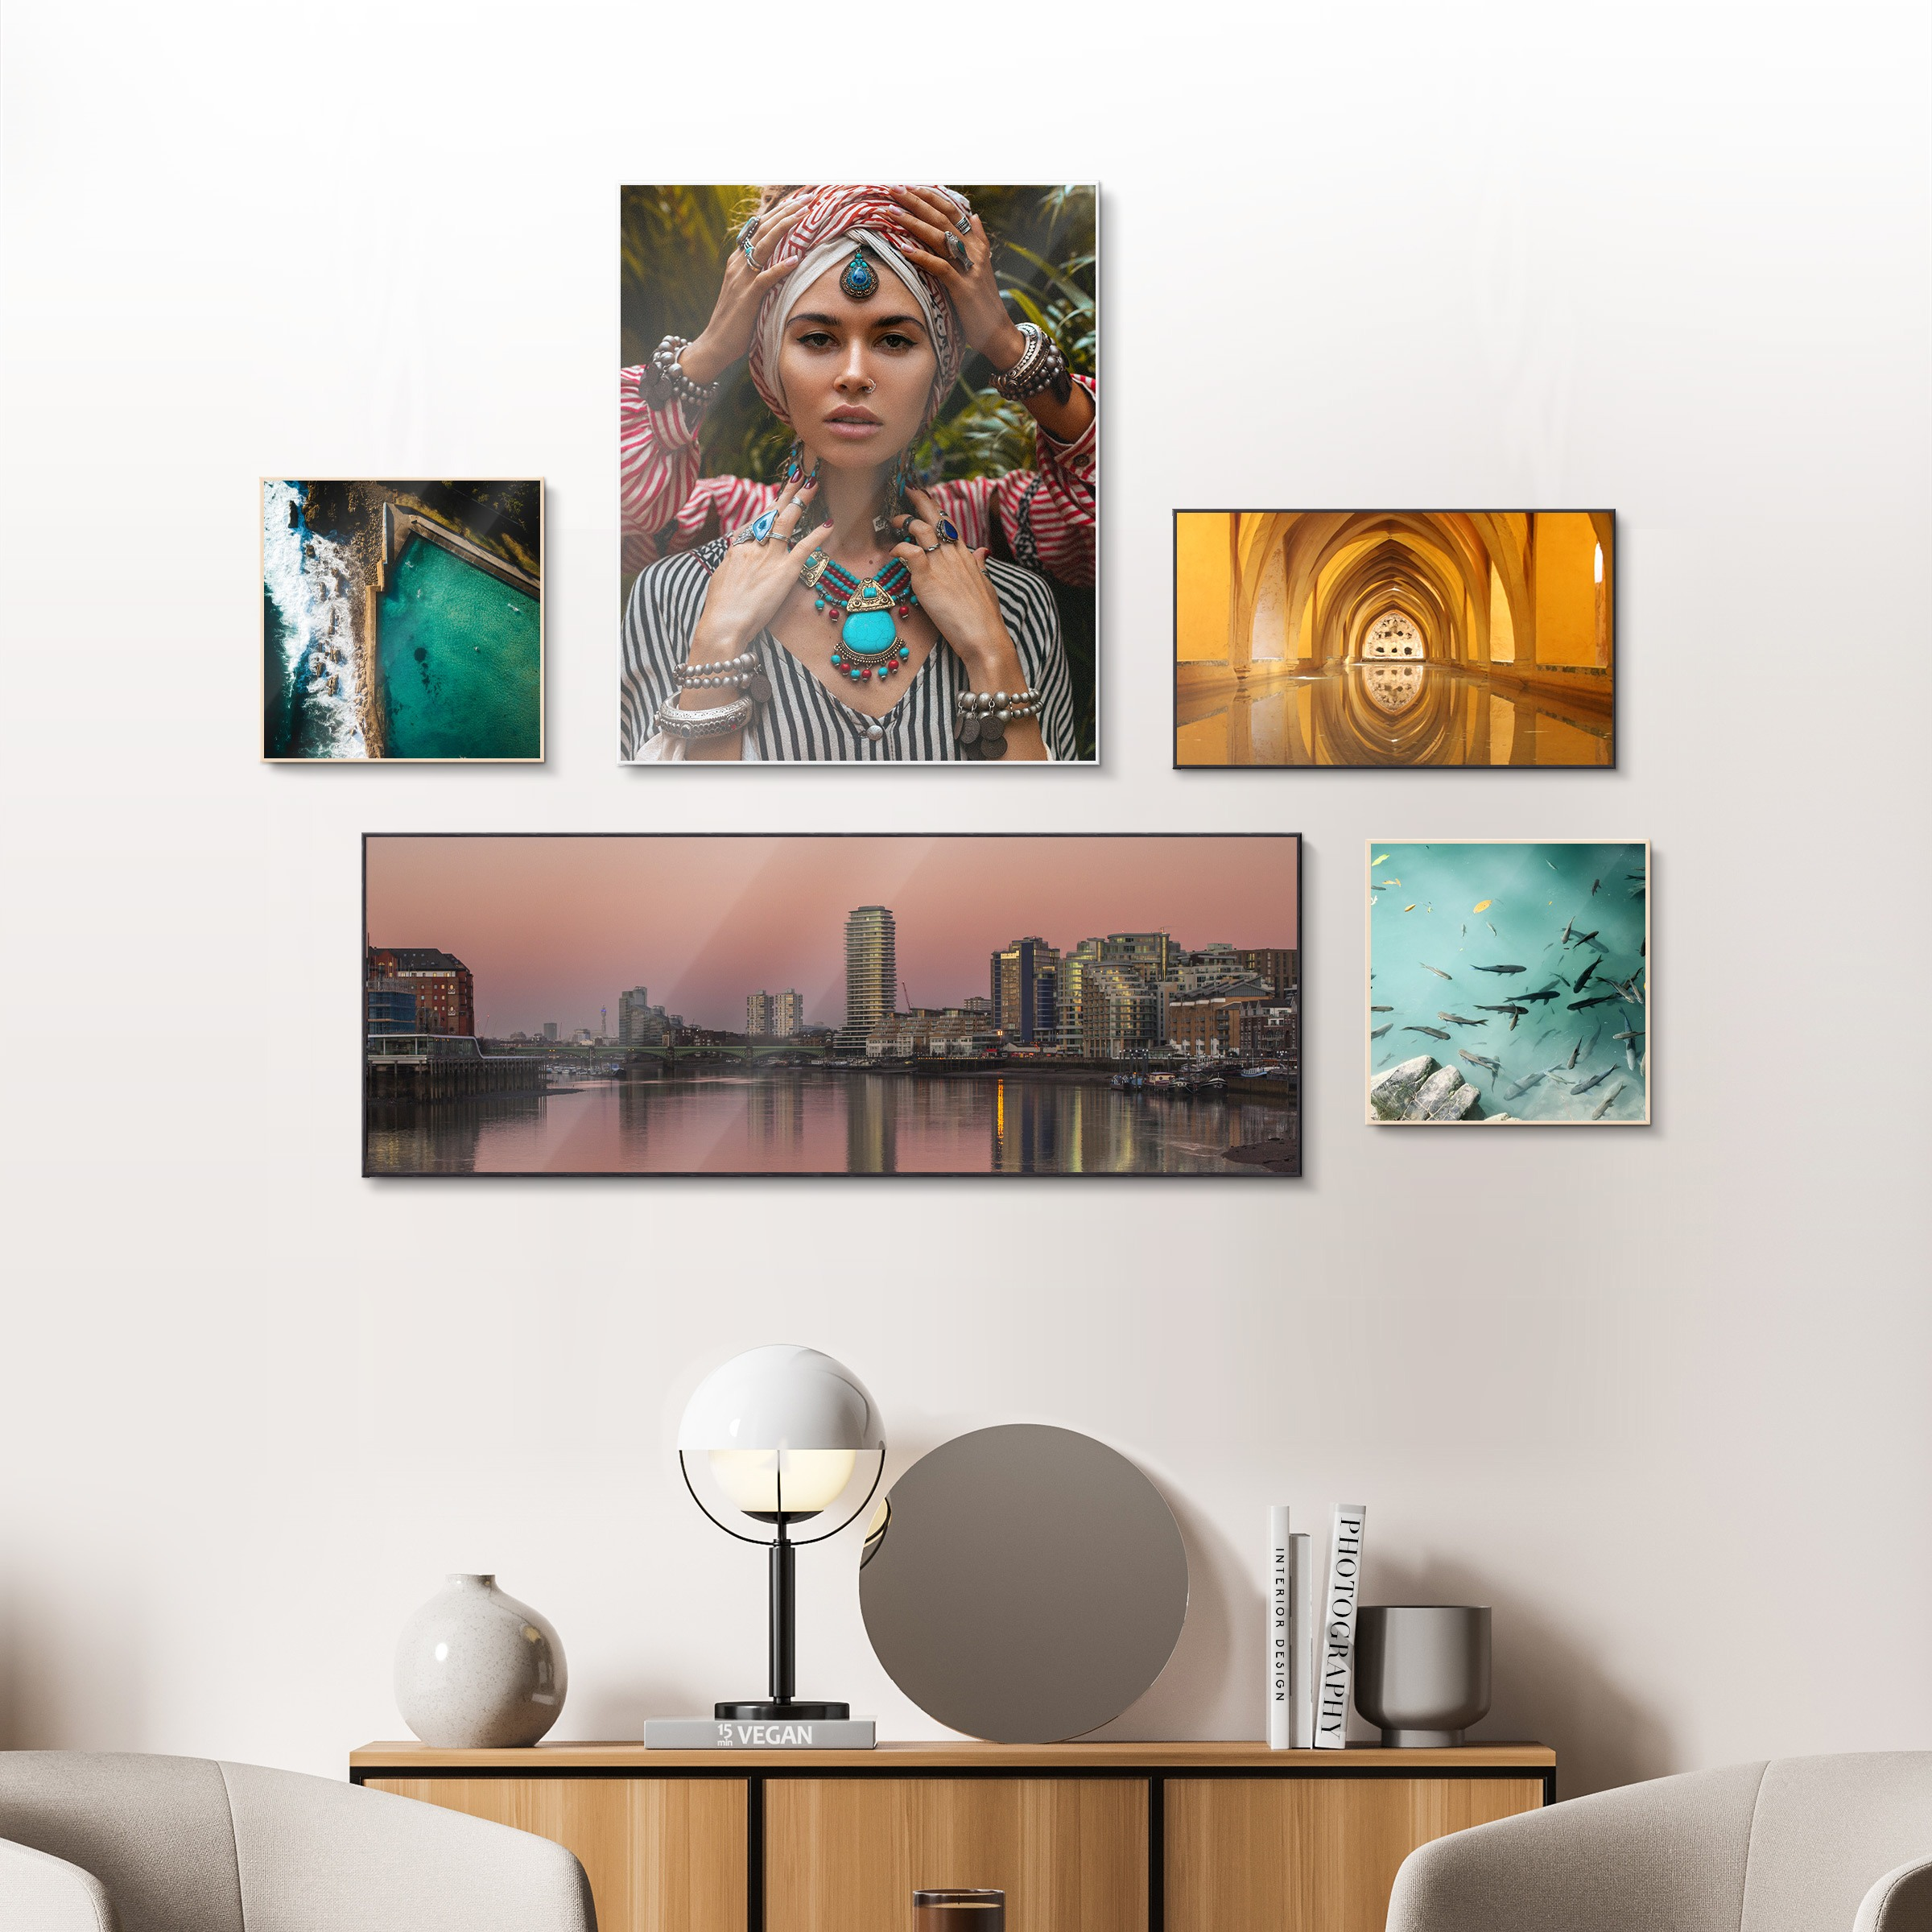 foto-im-schattenfugen-rahmen-portrait-inspiration-1200x1200_02.jpg